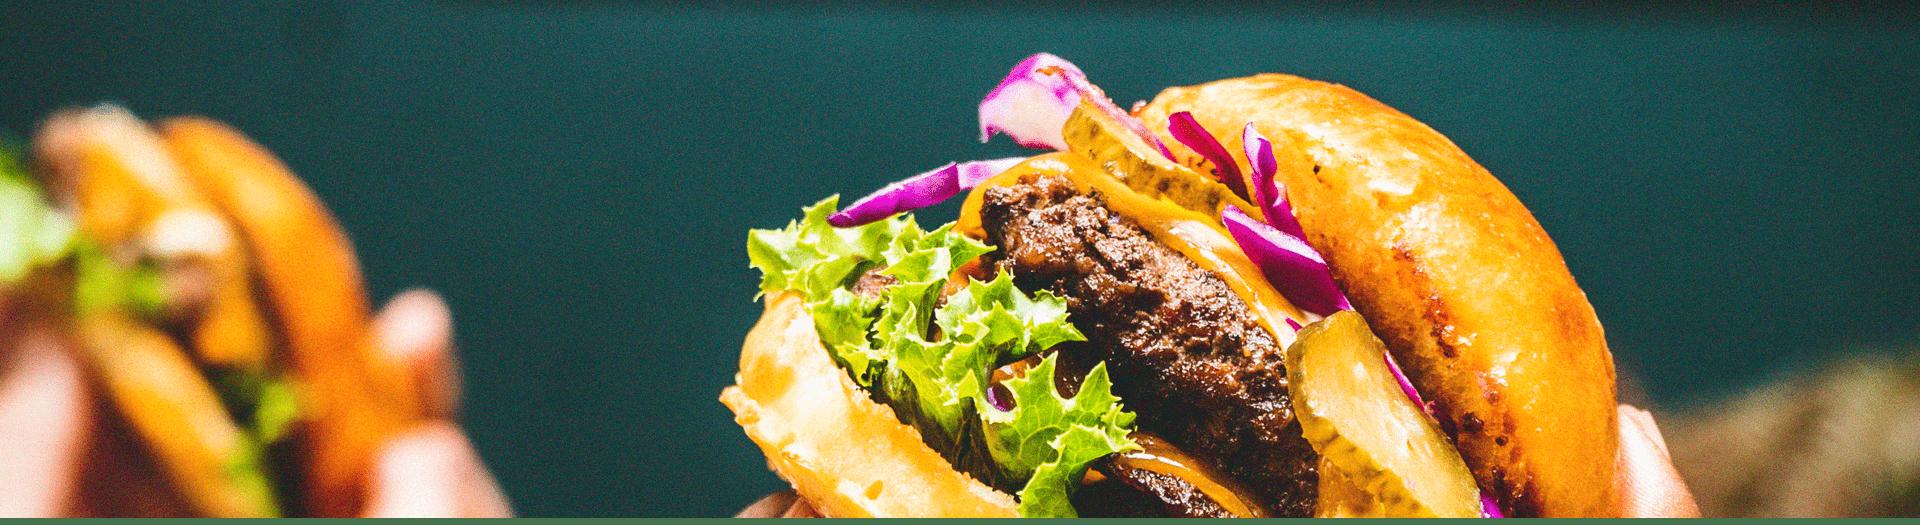 Bon-coin-burger-mayotte-accueil-2